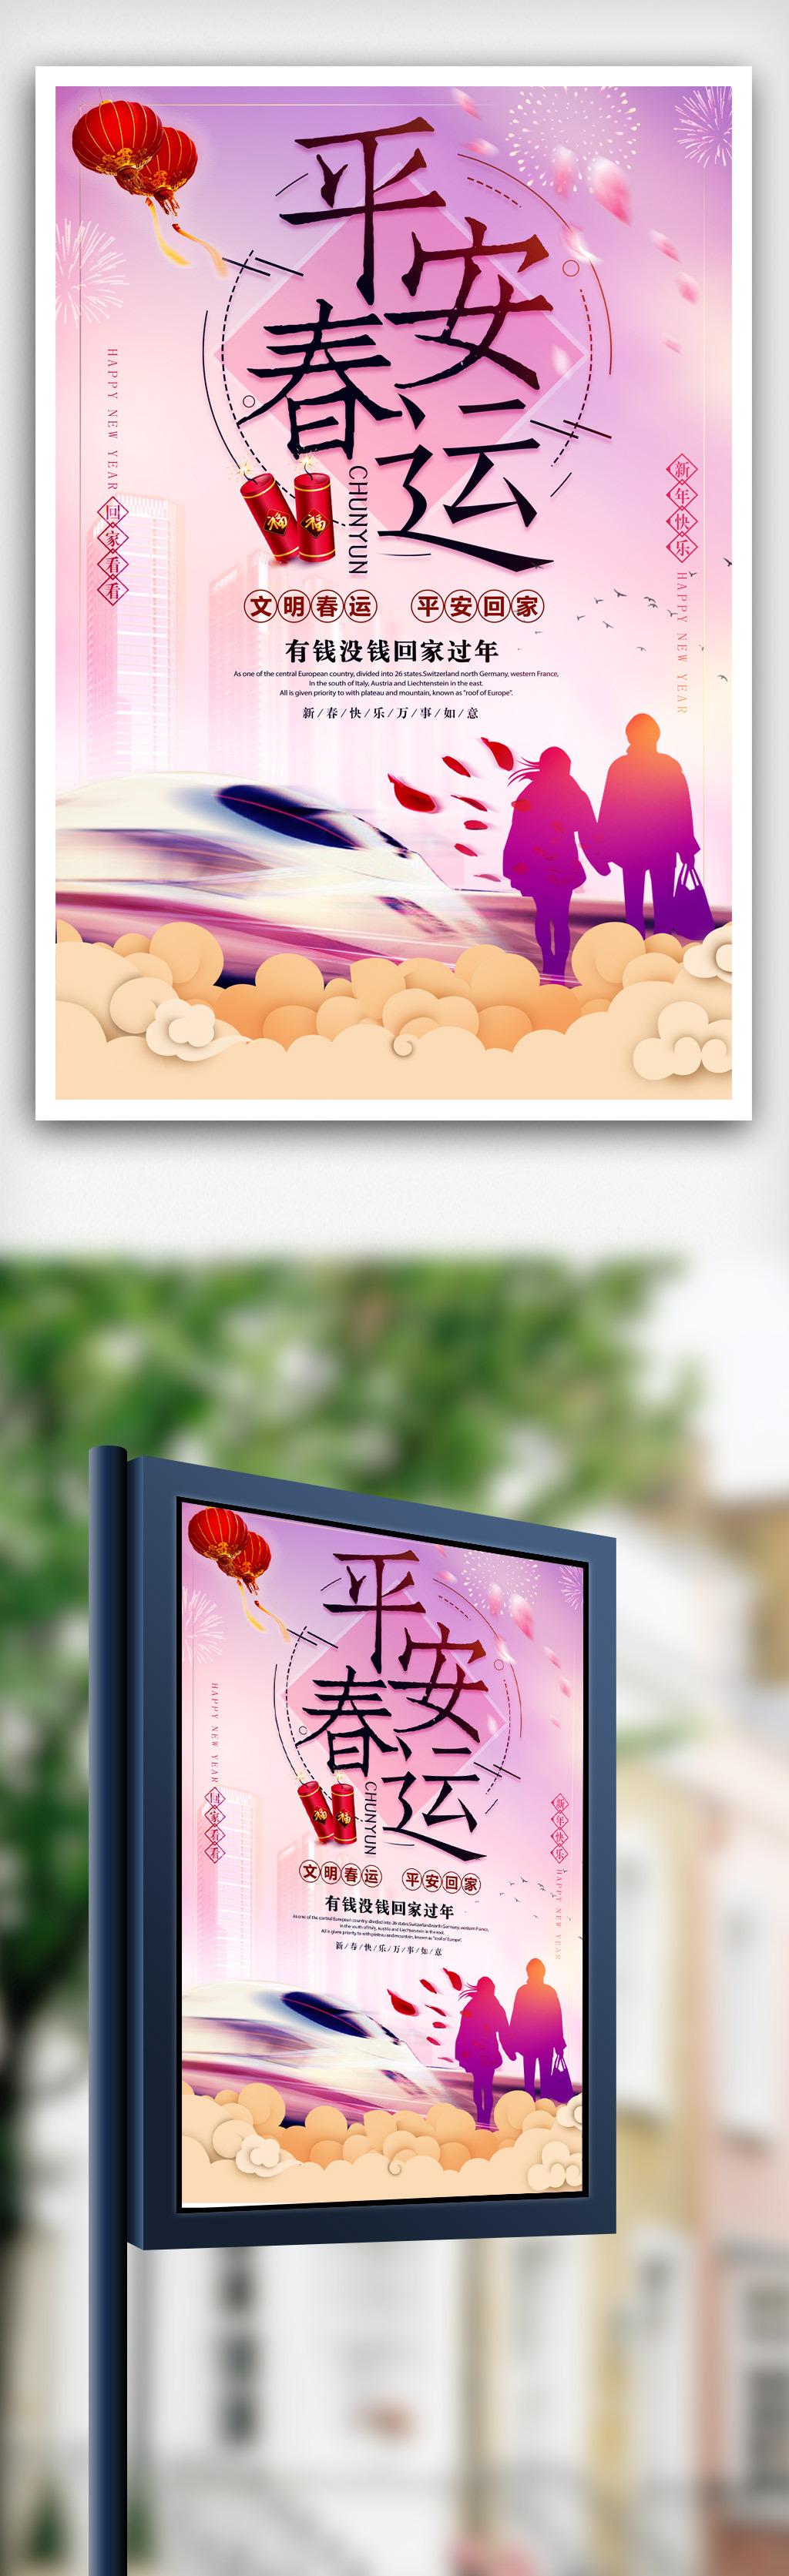 微信                  原创设计小清新平安春运把爱带回家过年回家